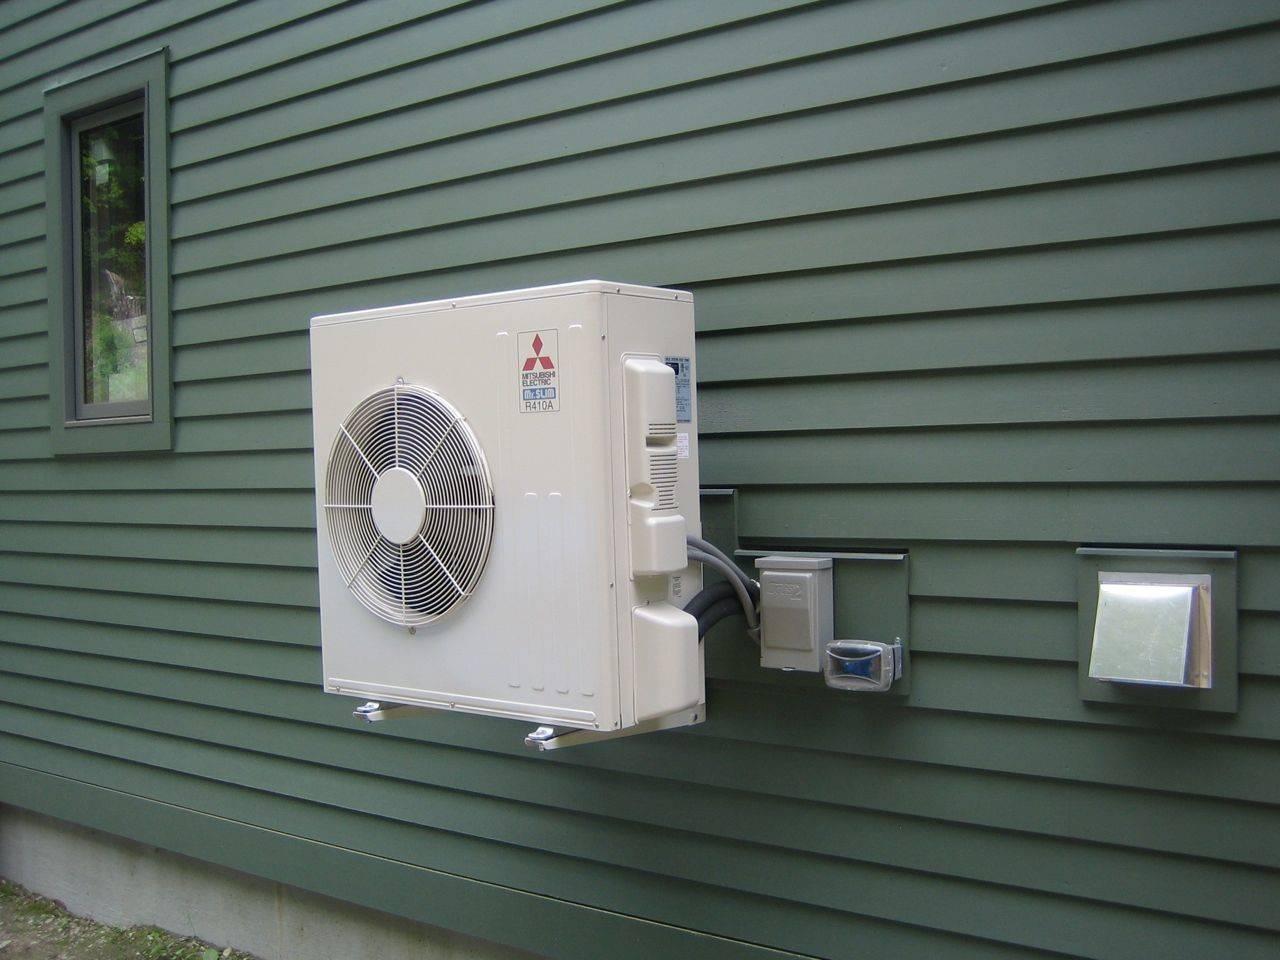 Мобильный кондиционер с приточной вентиляцией: принцип работы, особенности монтажа